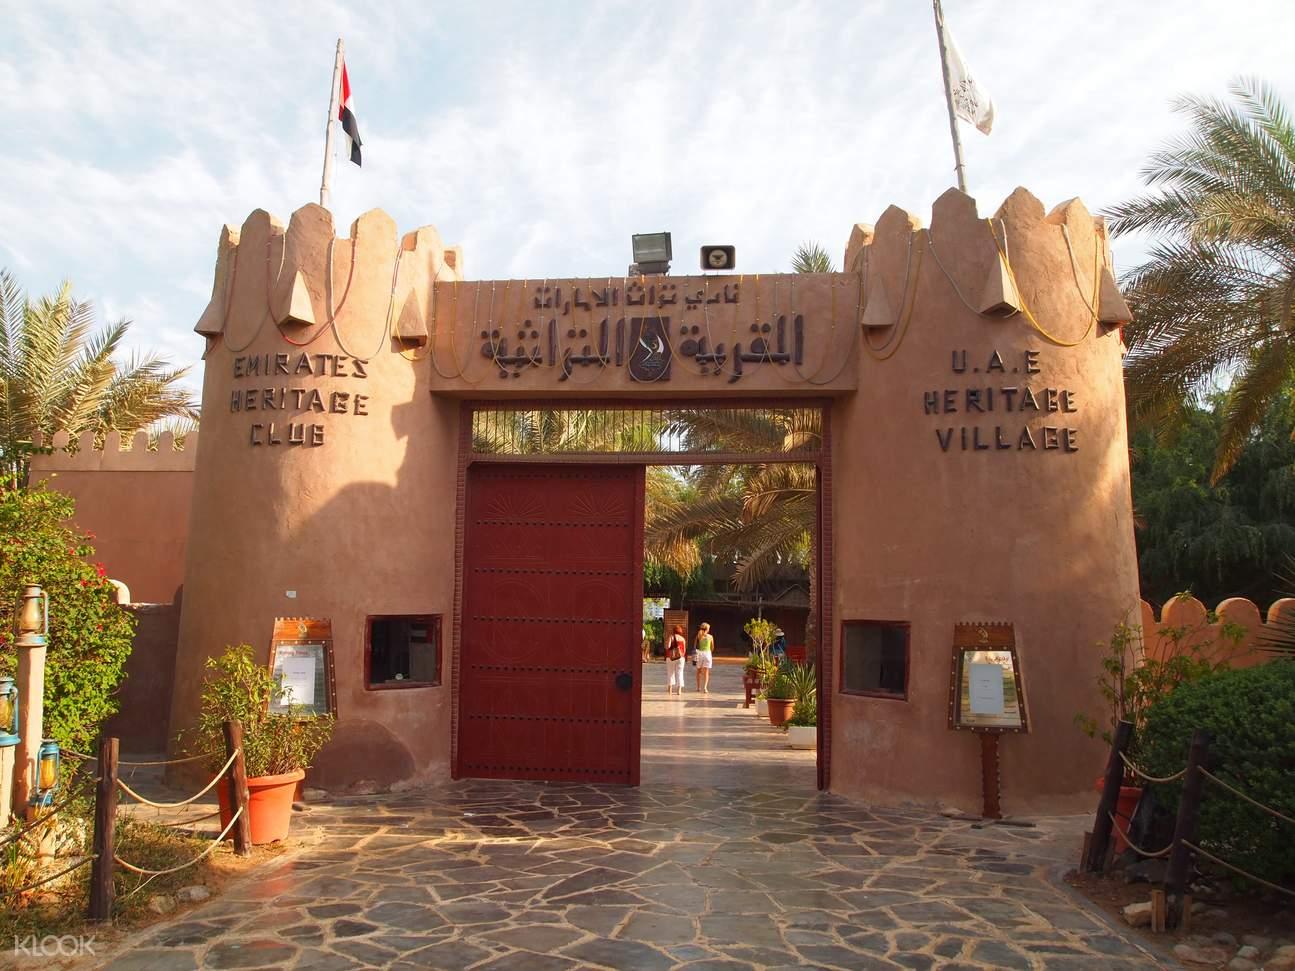 UAE Heritage Village